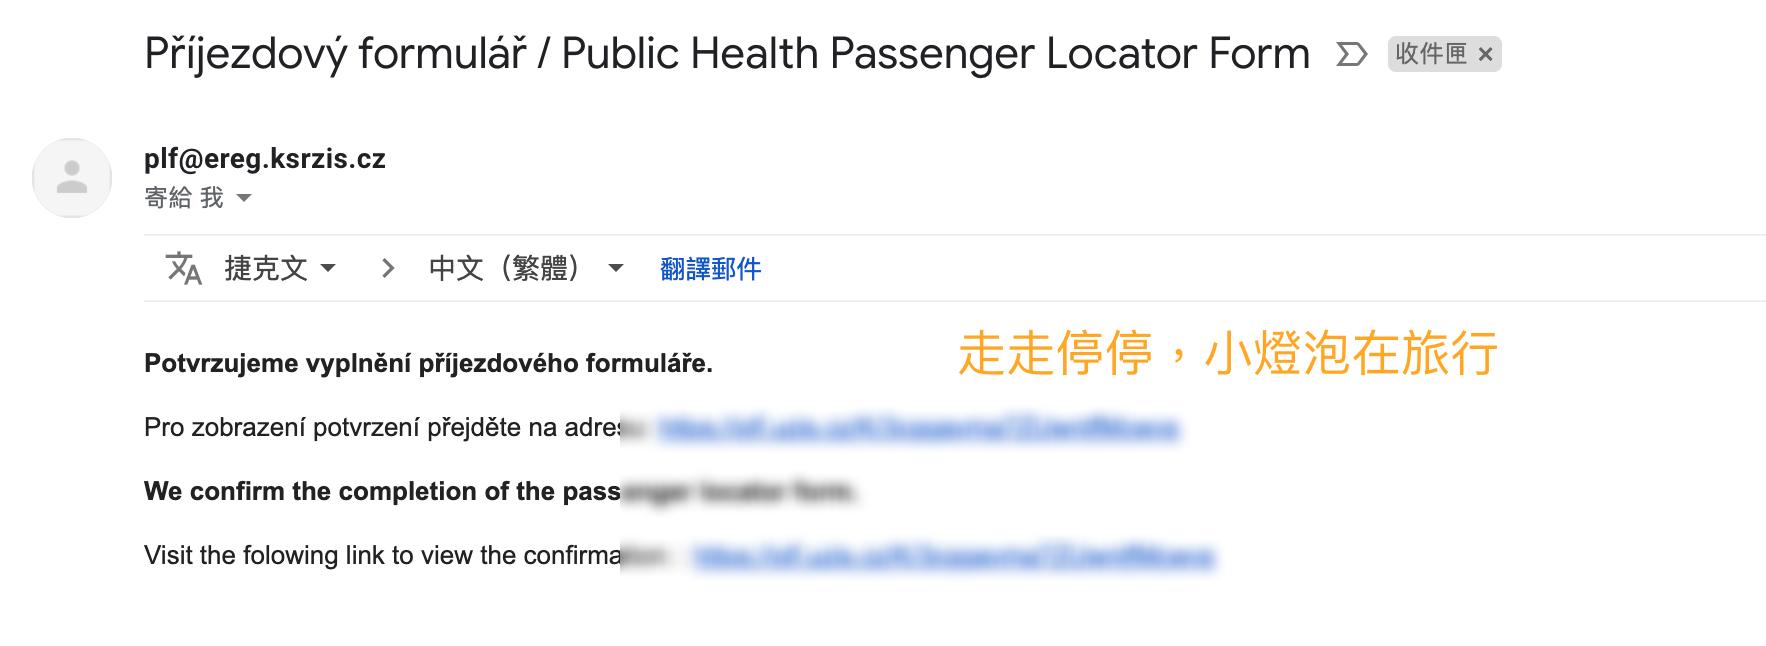 捷克入境健康表格填寫 確認入境該國是否需要填寫健康表格